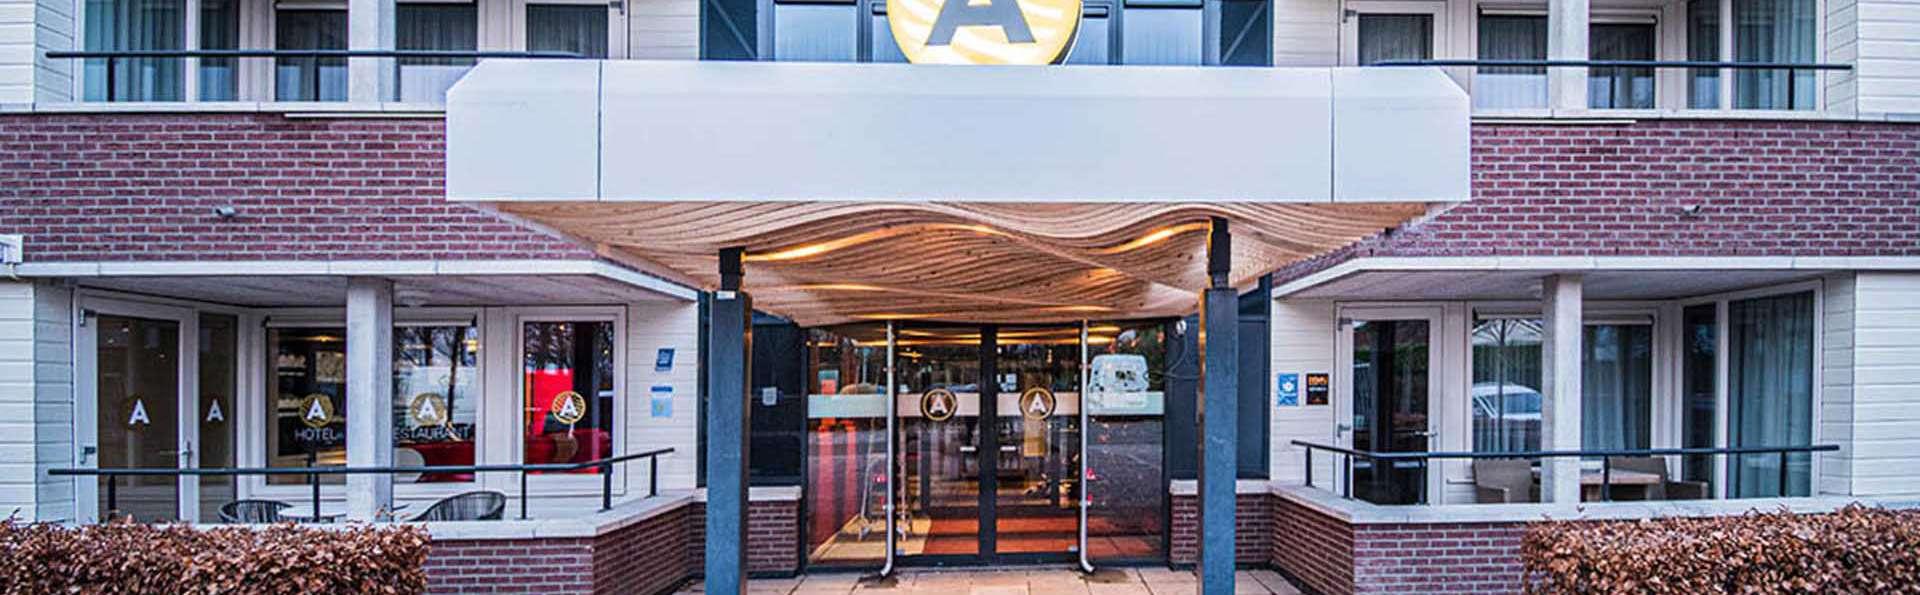 Amadore Hotel Restaurant De Kamperduinen - EDIT_De_Kamperduinen_verbouwd_13.jpg